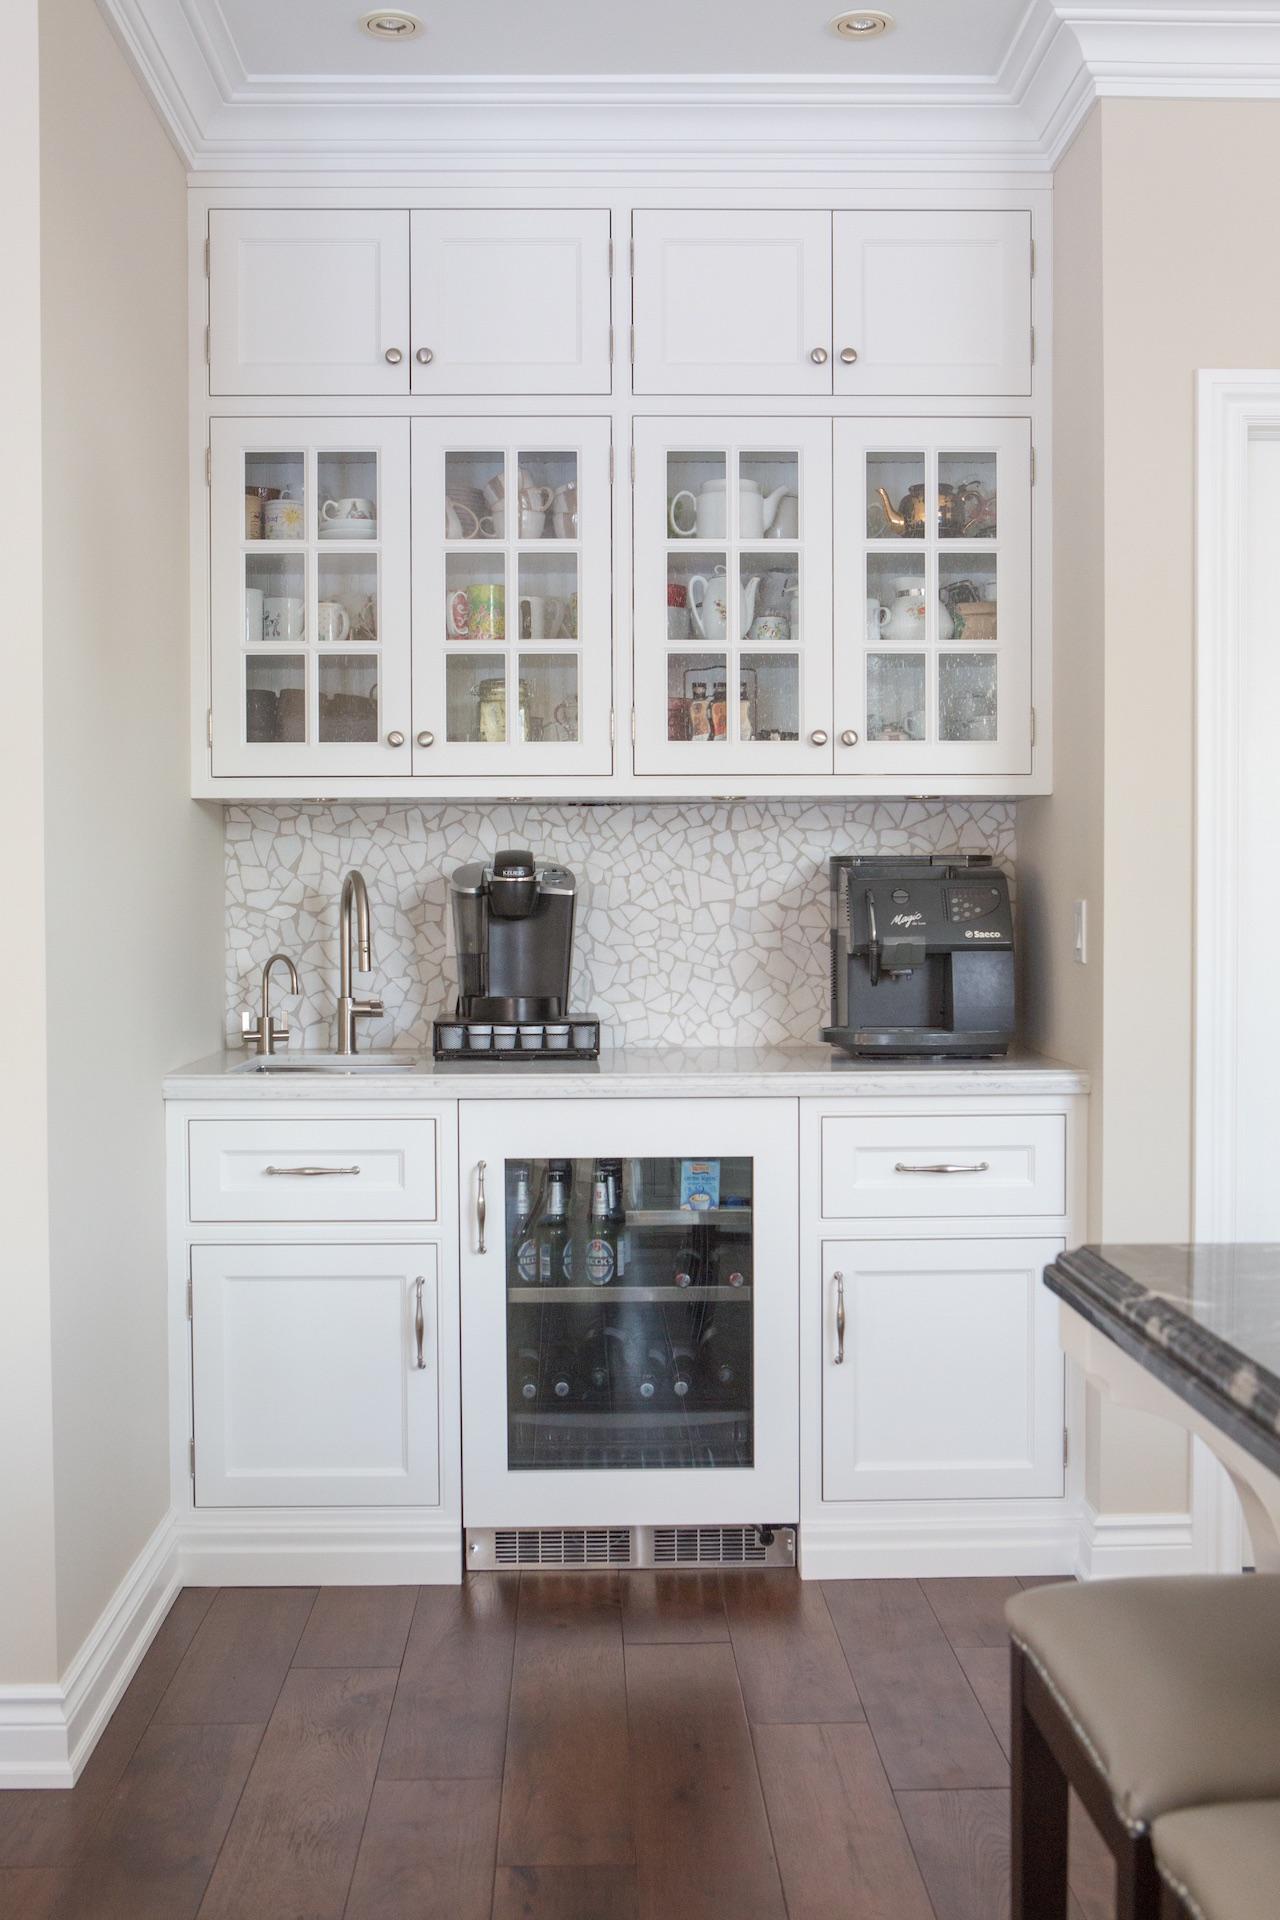 Kitchen cabinets with mini fridge